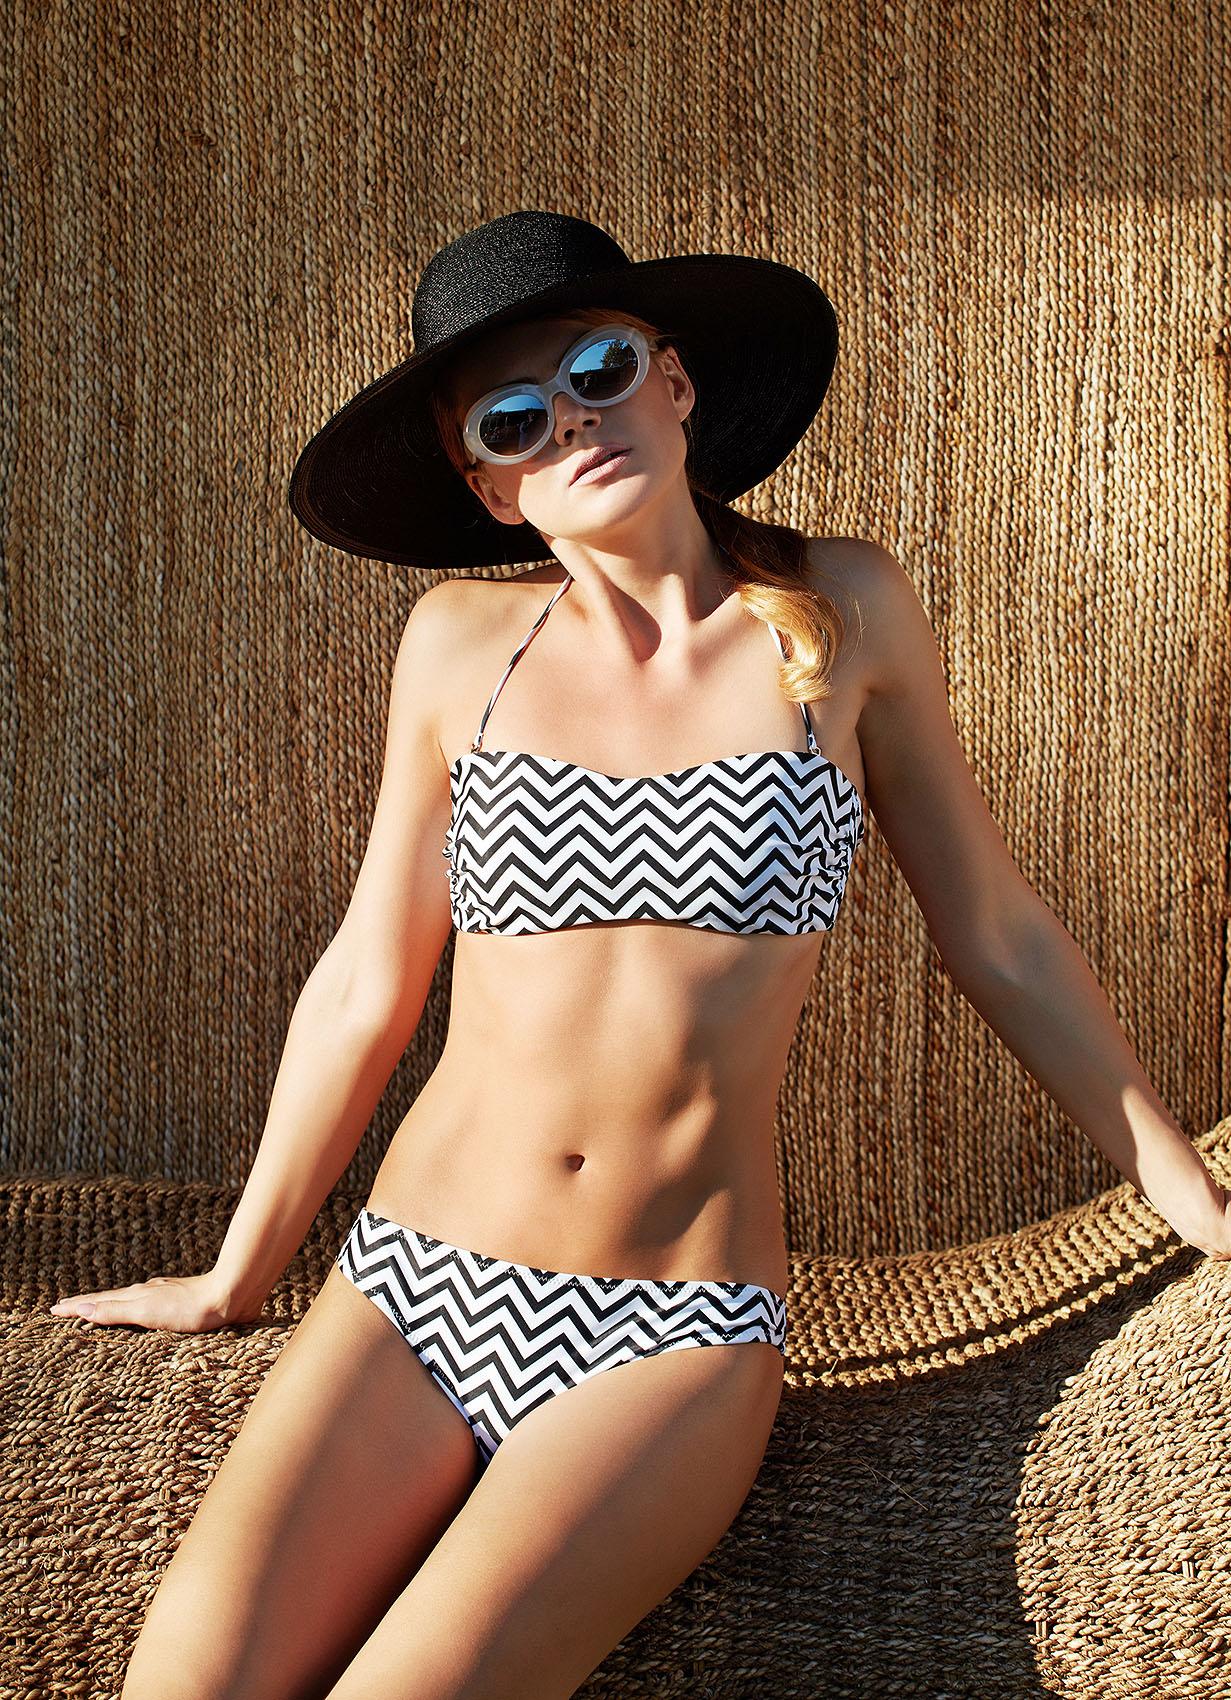 waves-bikini-antmarkant